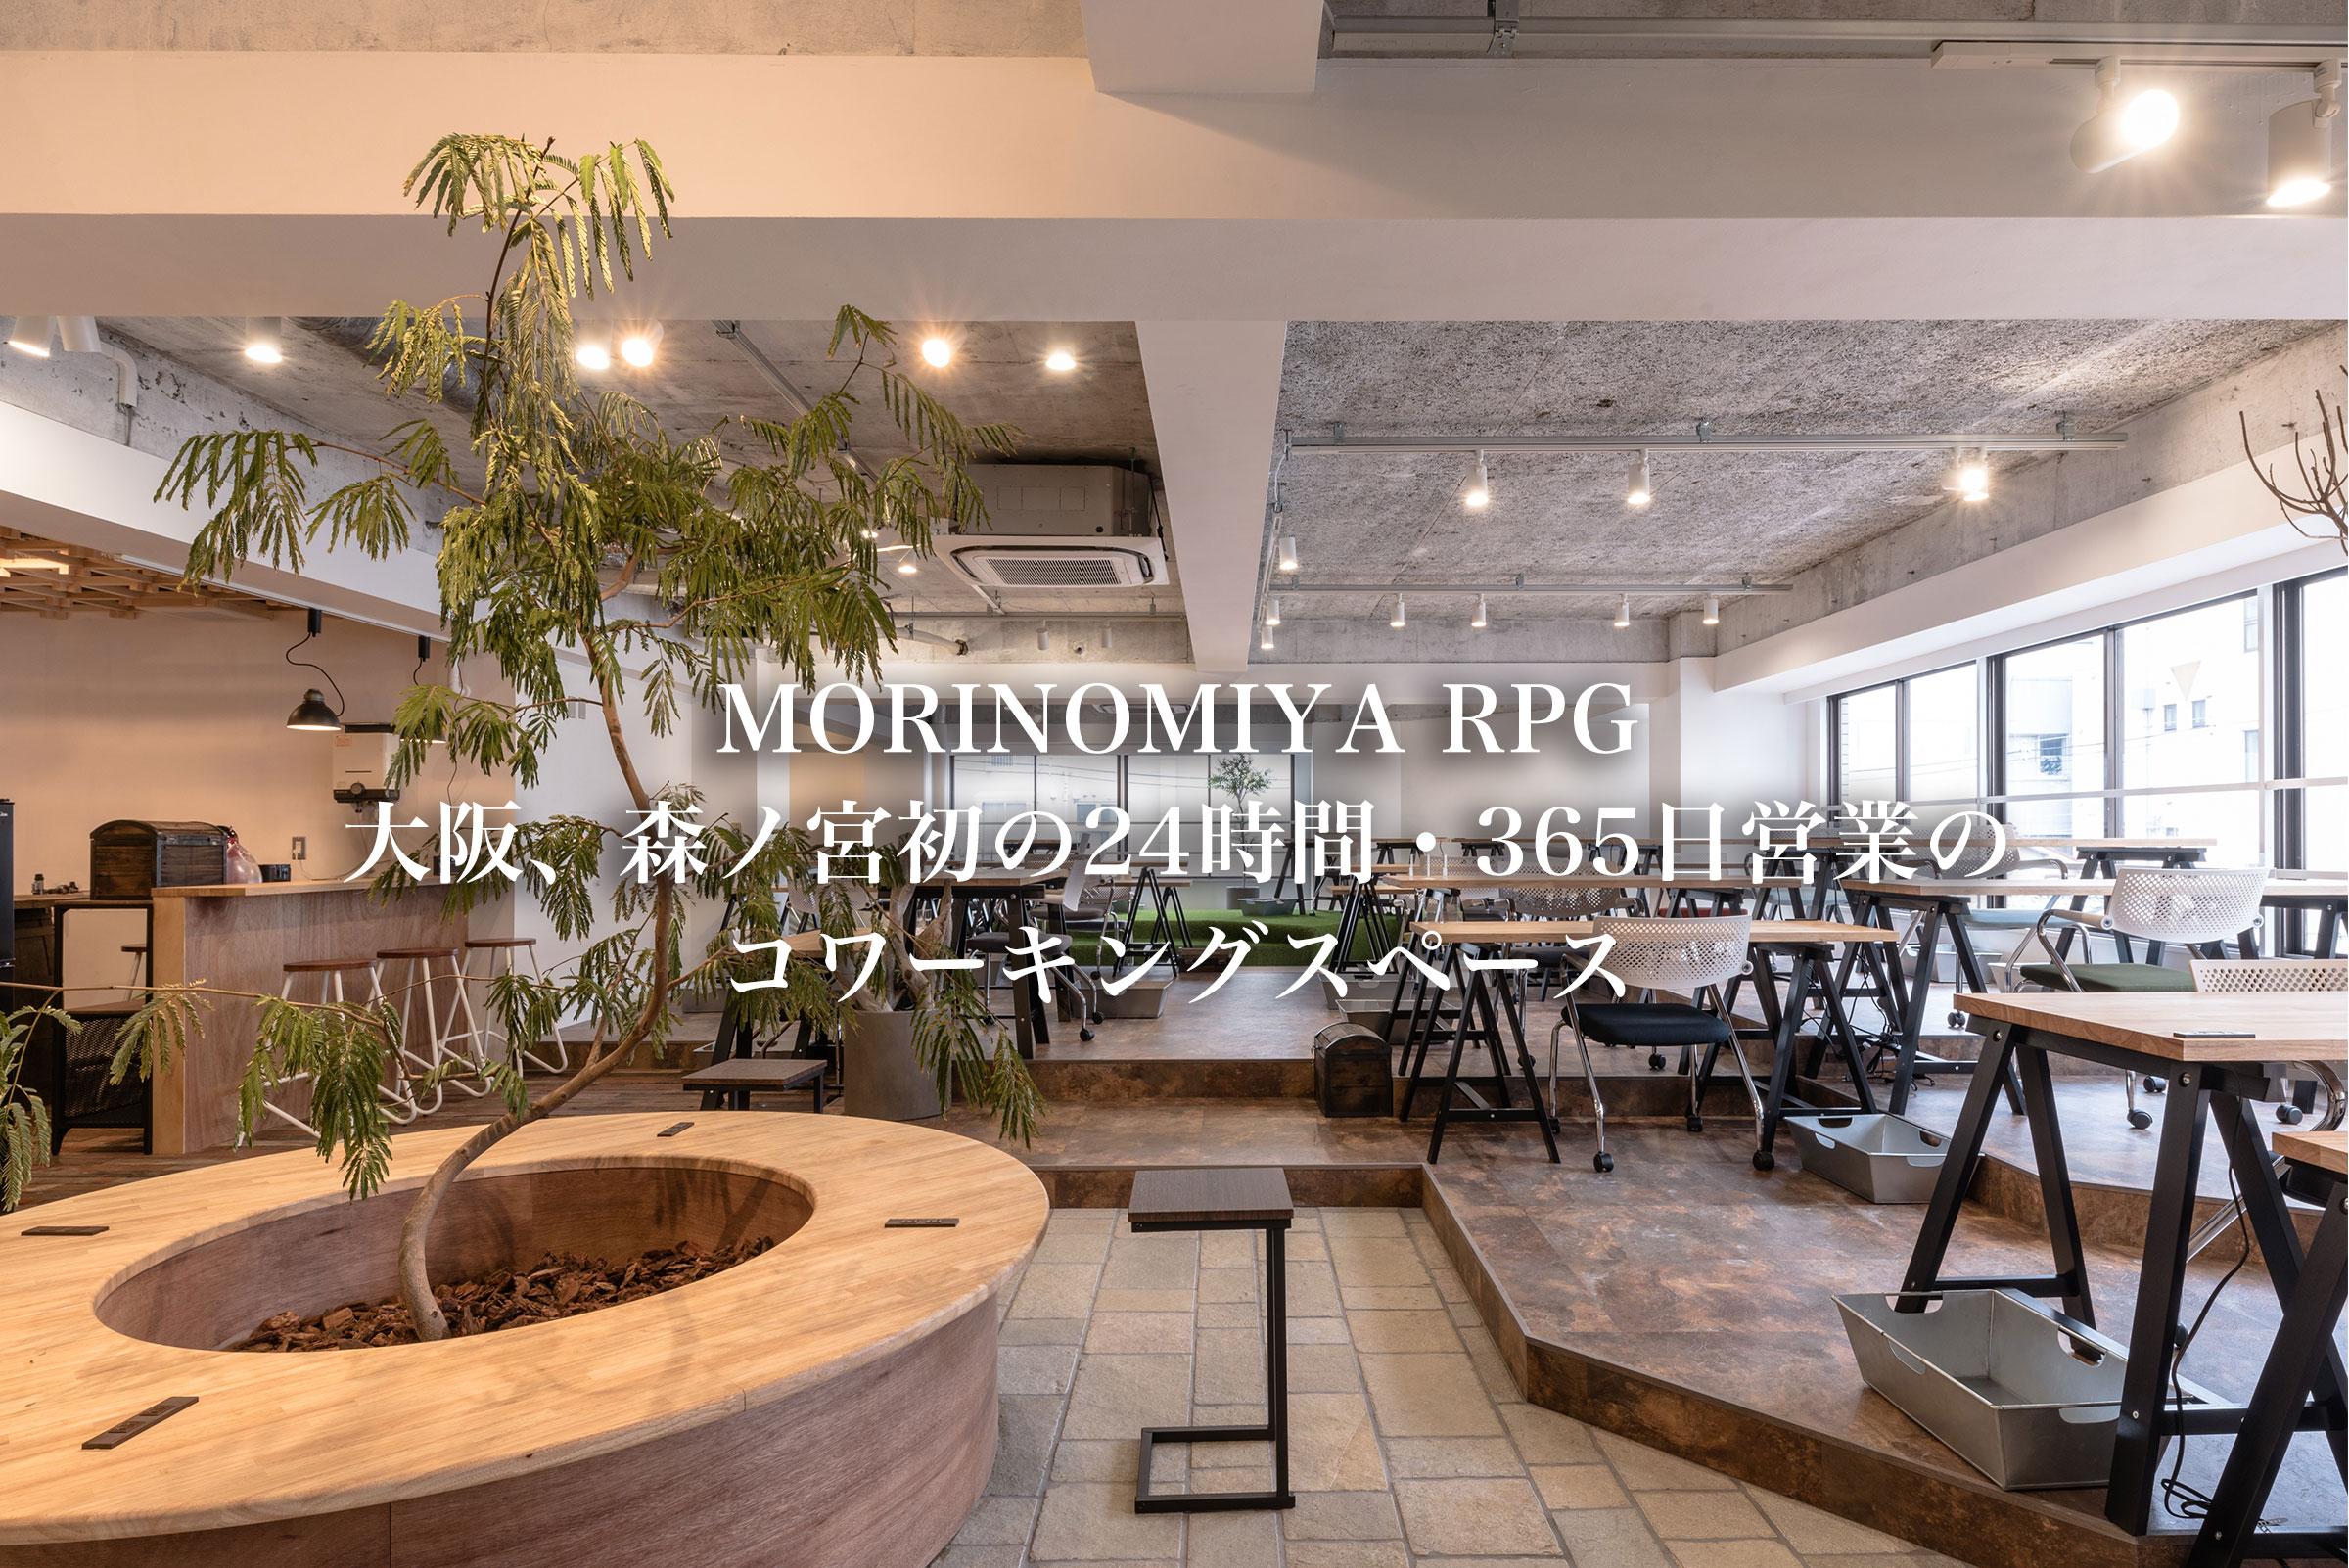 MORINOMIYA RPG 大阪、森ノ宮初の24時間・365日営業のコワーキングスペース